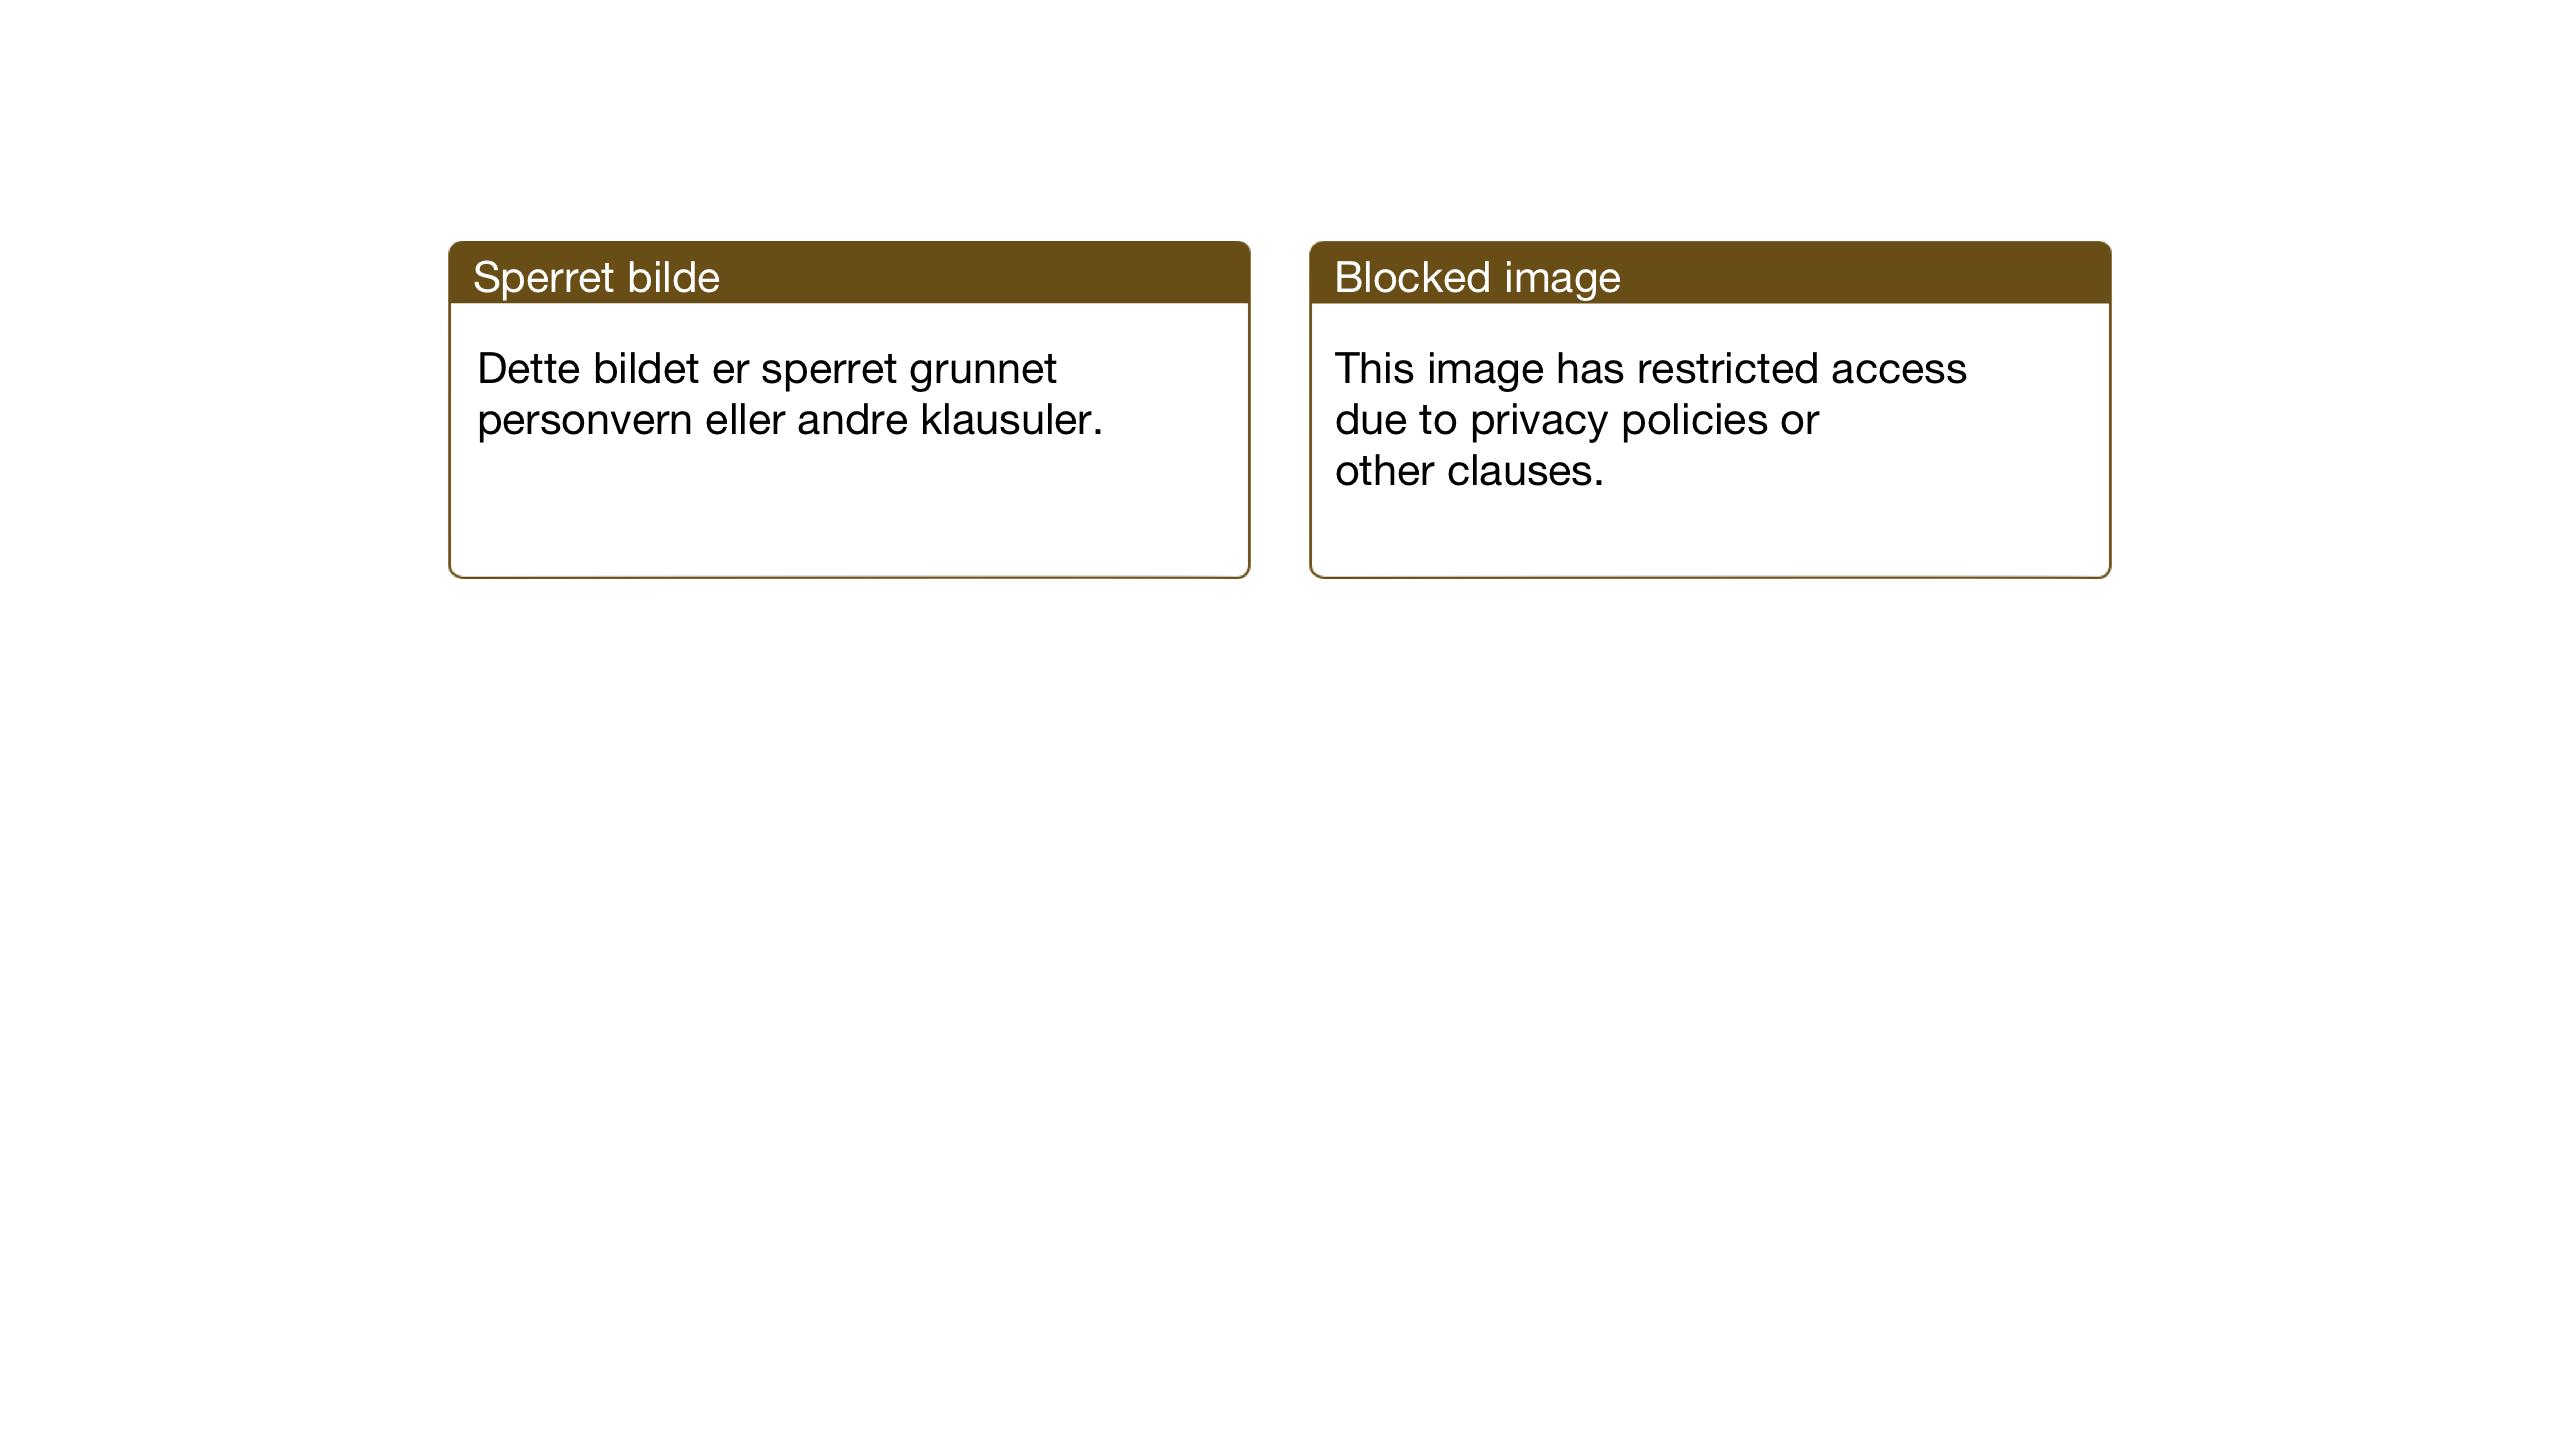 SAT, Ministerialprotokoller, klokkerbøker og fødselsregistre - Sør-Trøndelag, 686/L0986: Klokkerbok nr. 686C02, 1933-1950, s. 34